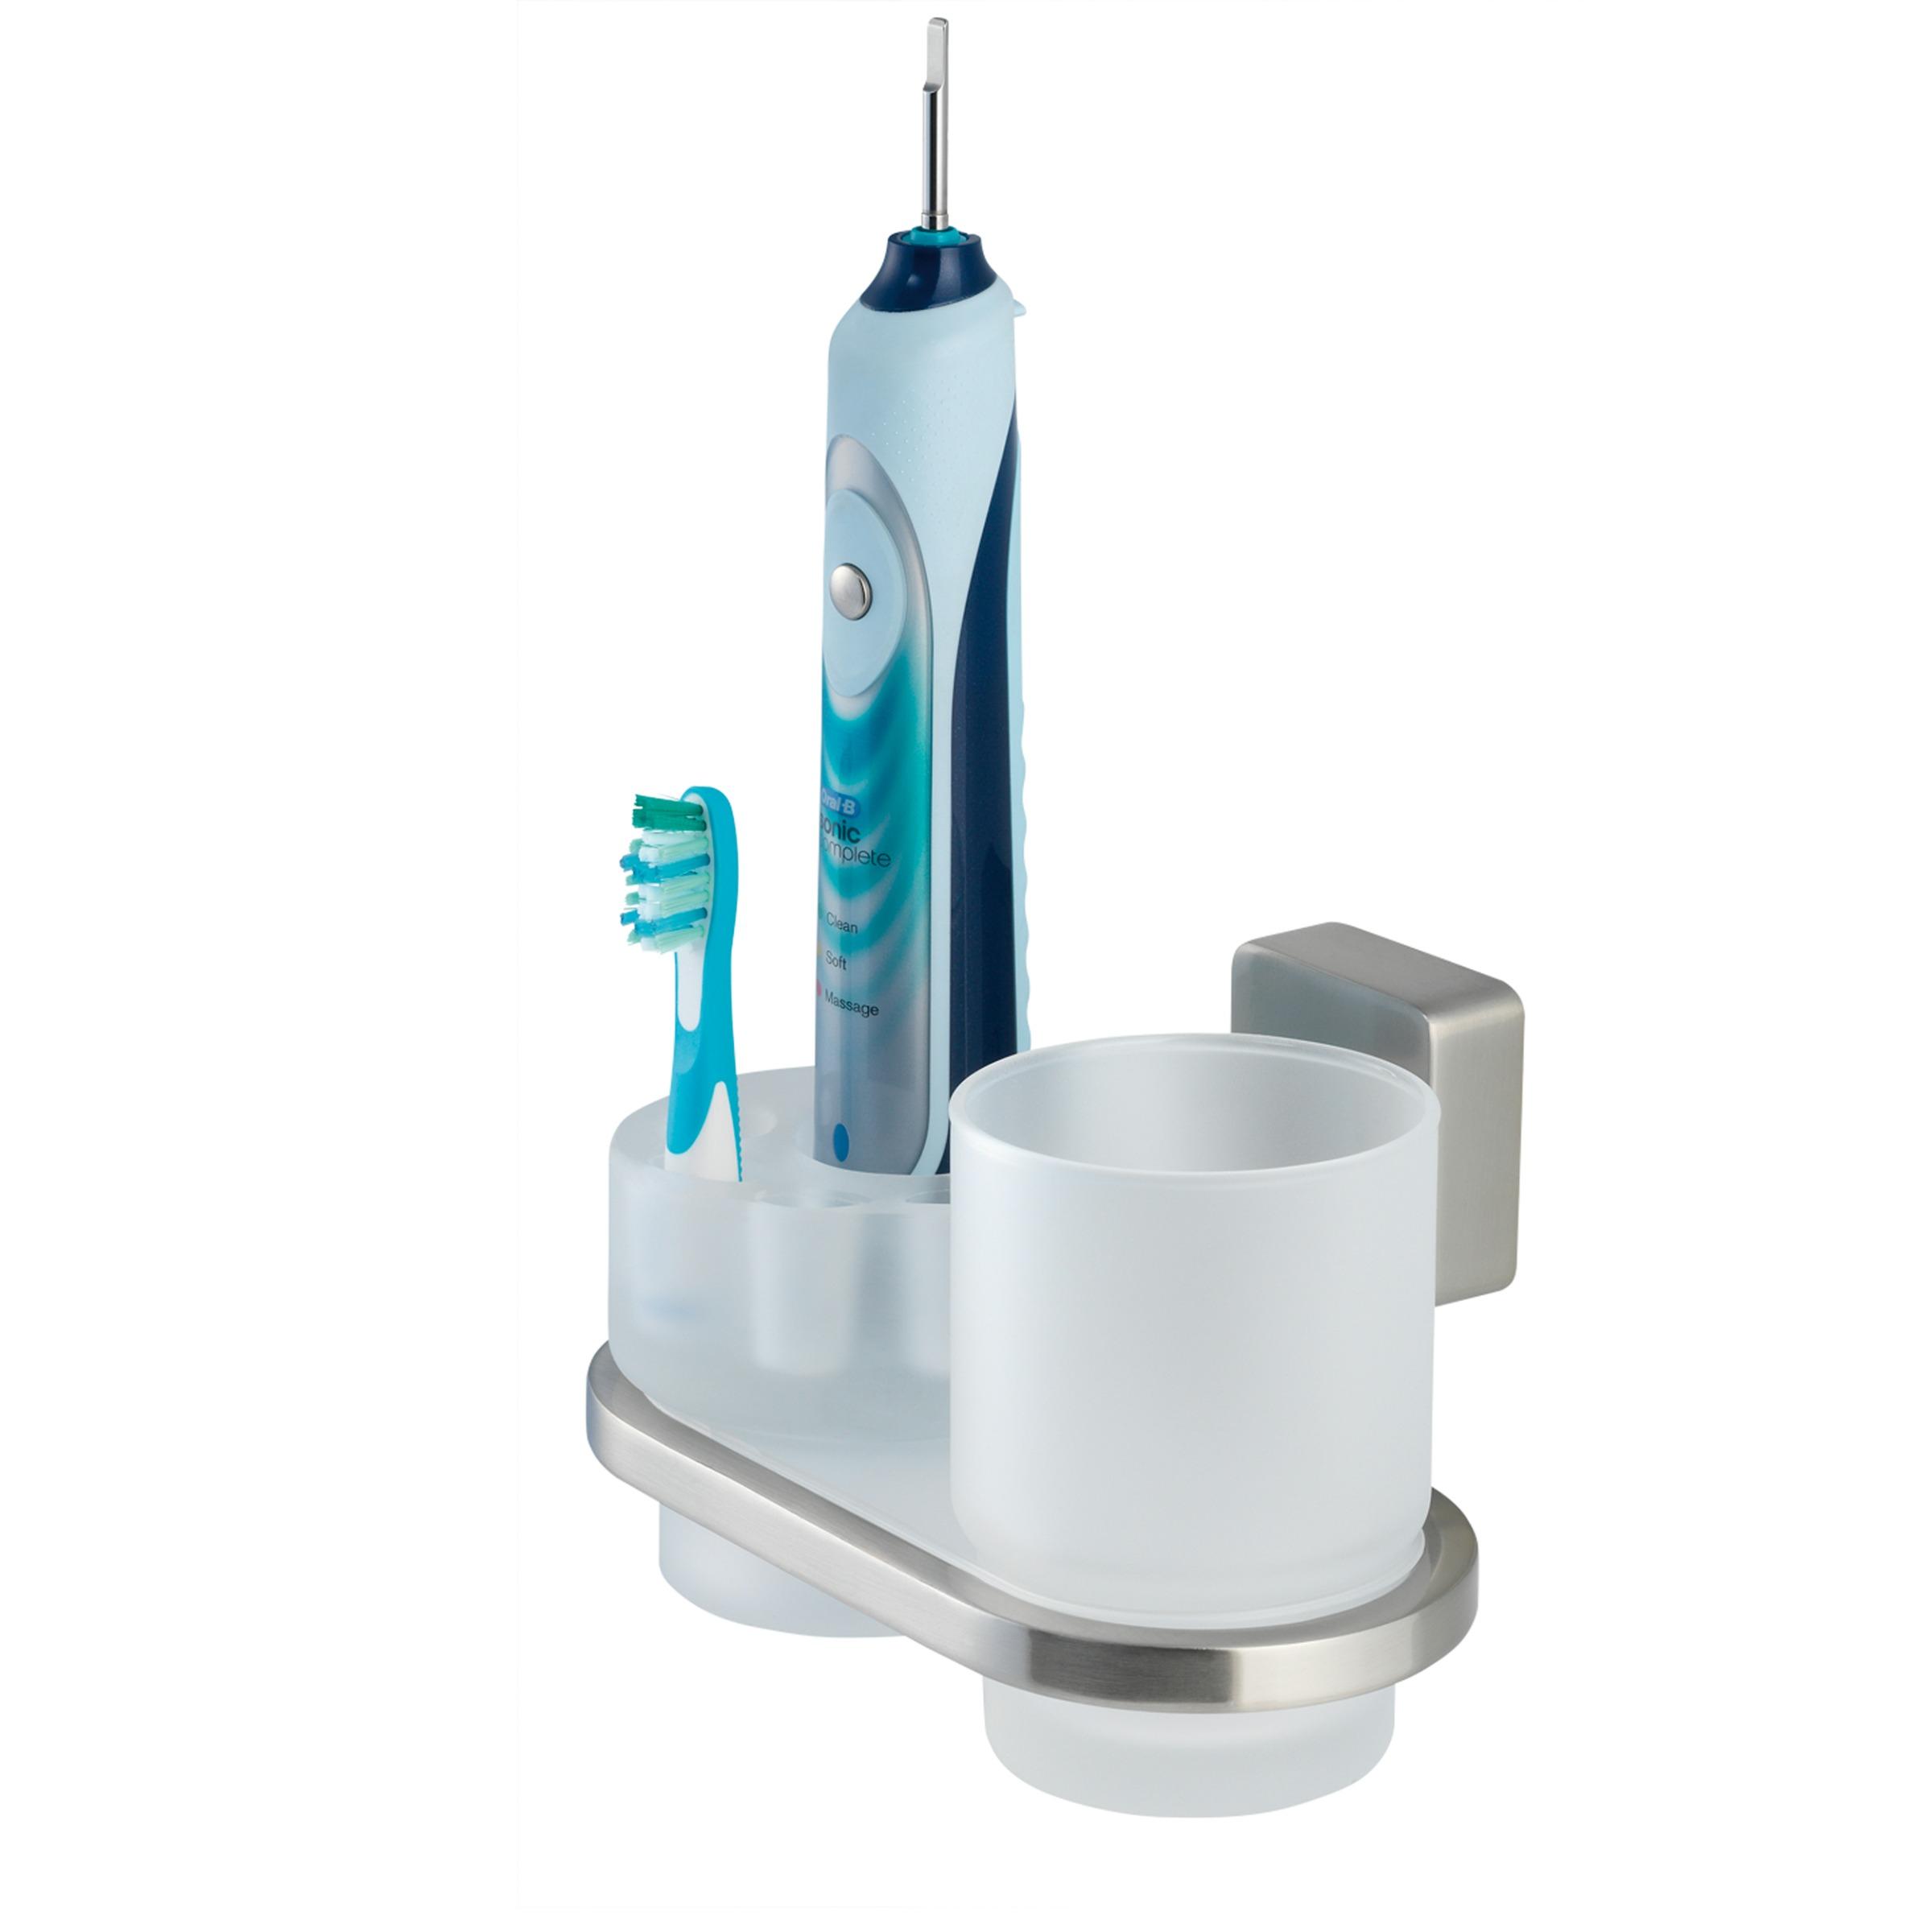 Tiger impuls beker-tandenborstelhouder